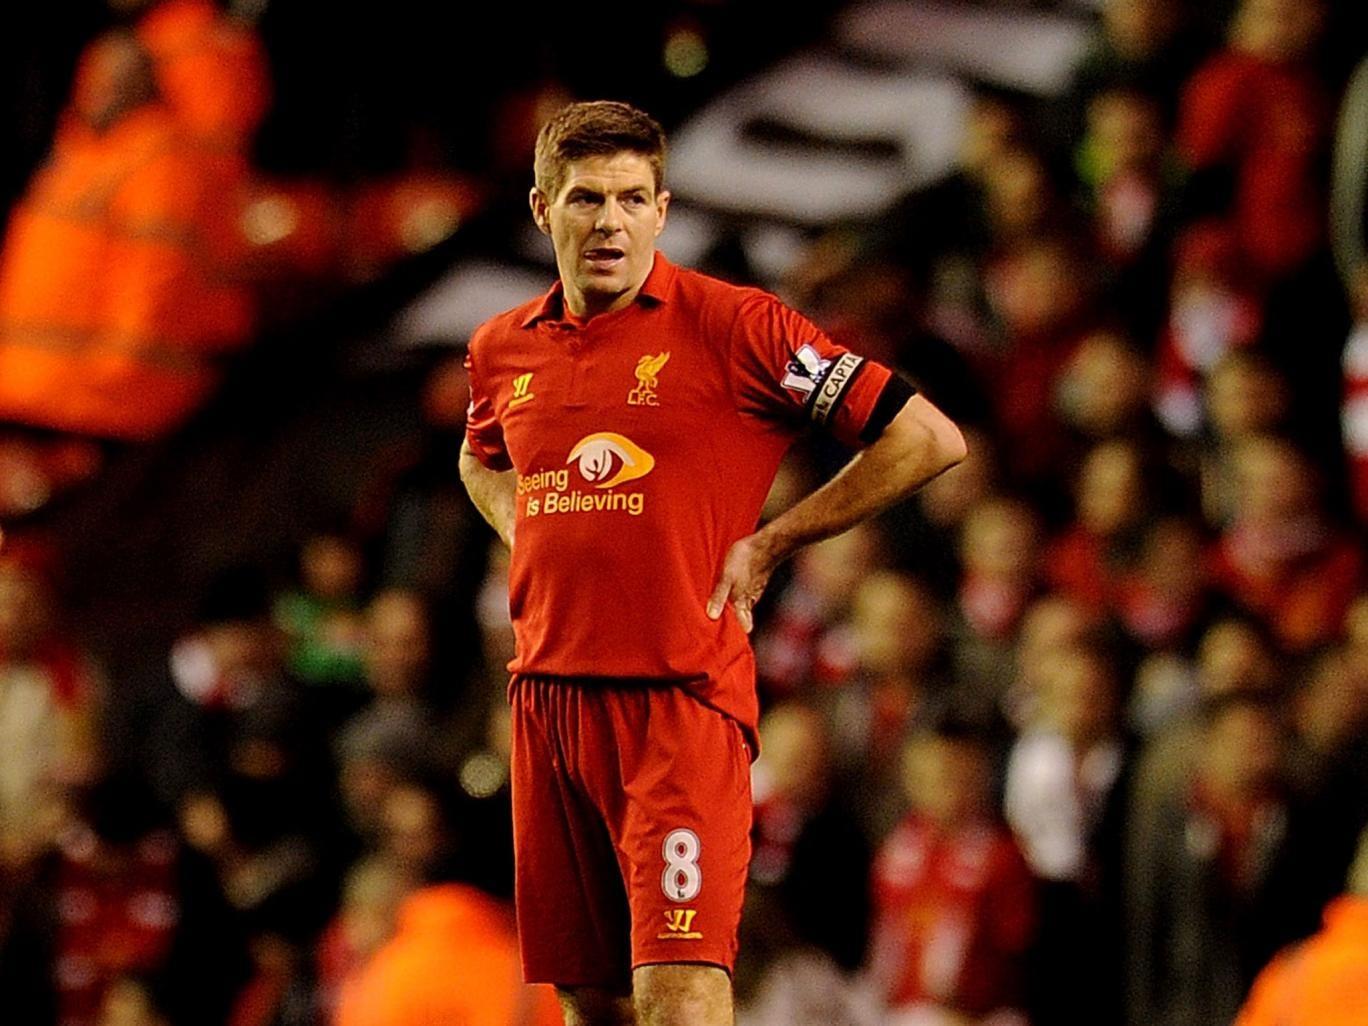 19.Steven Gerrard - £32m